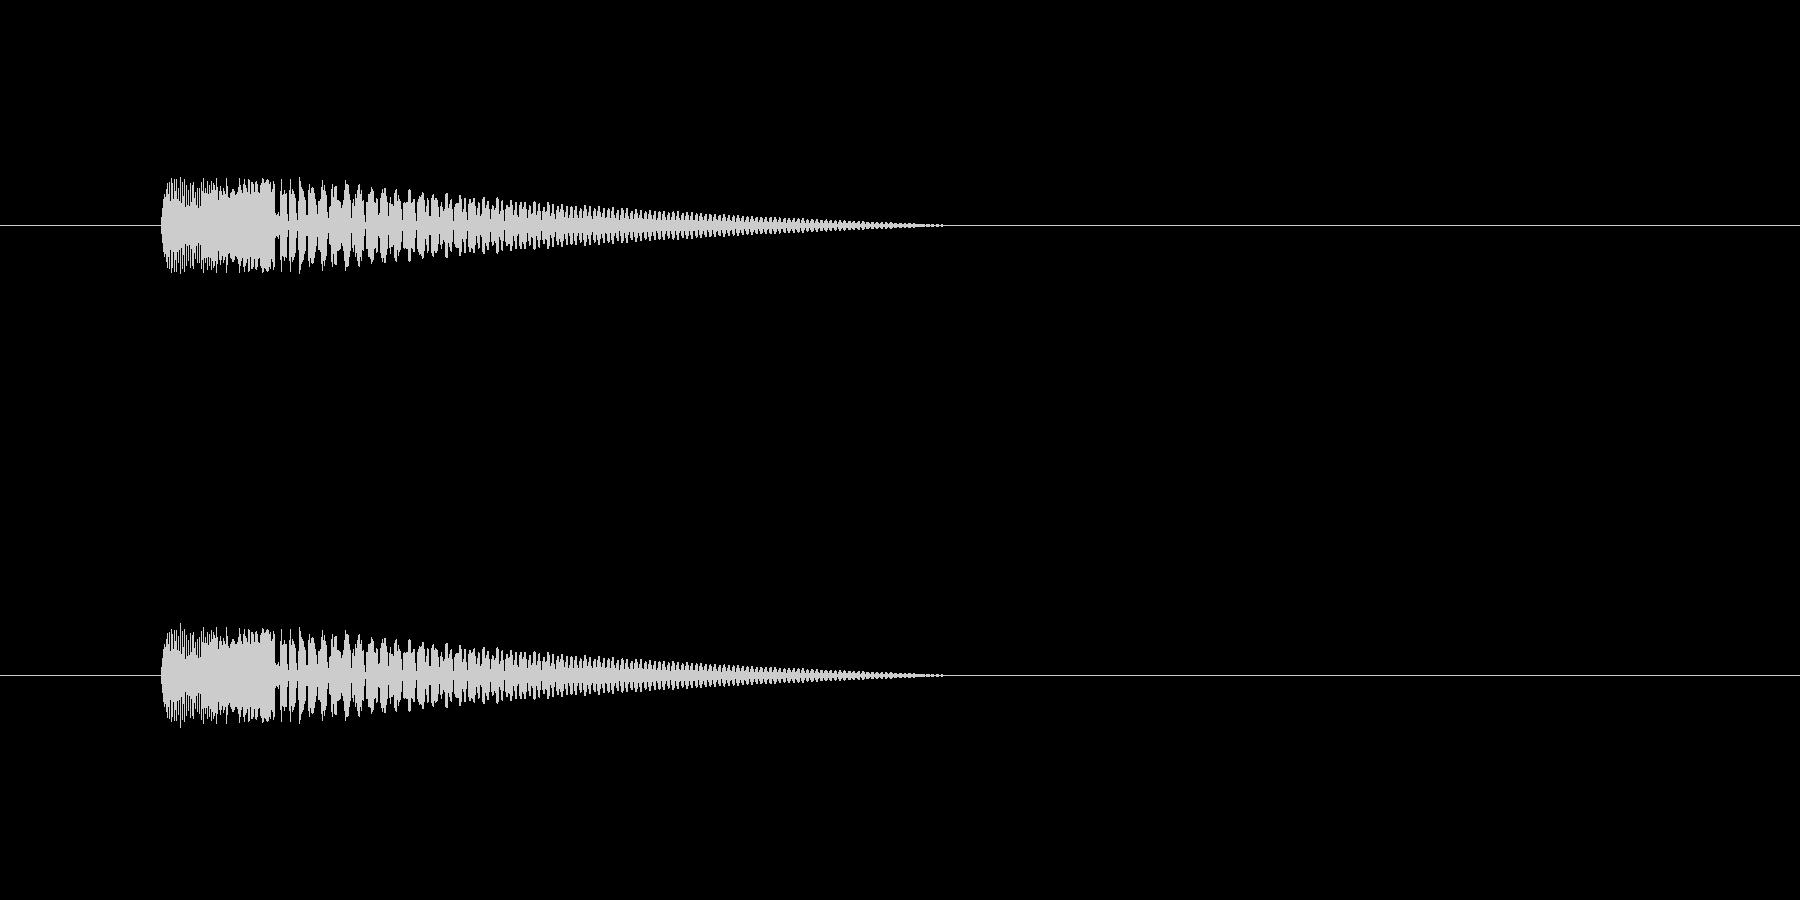 【ネガティブ06-5】の未再生の波形